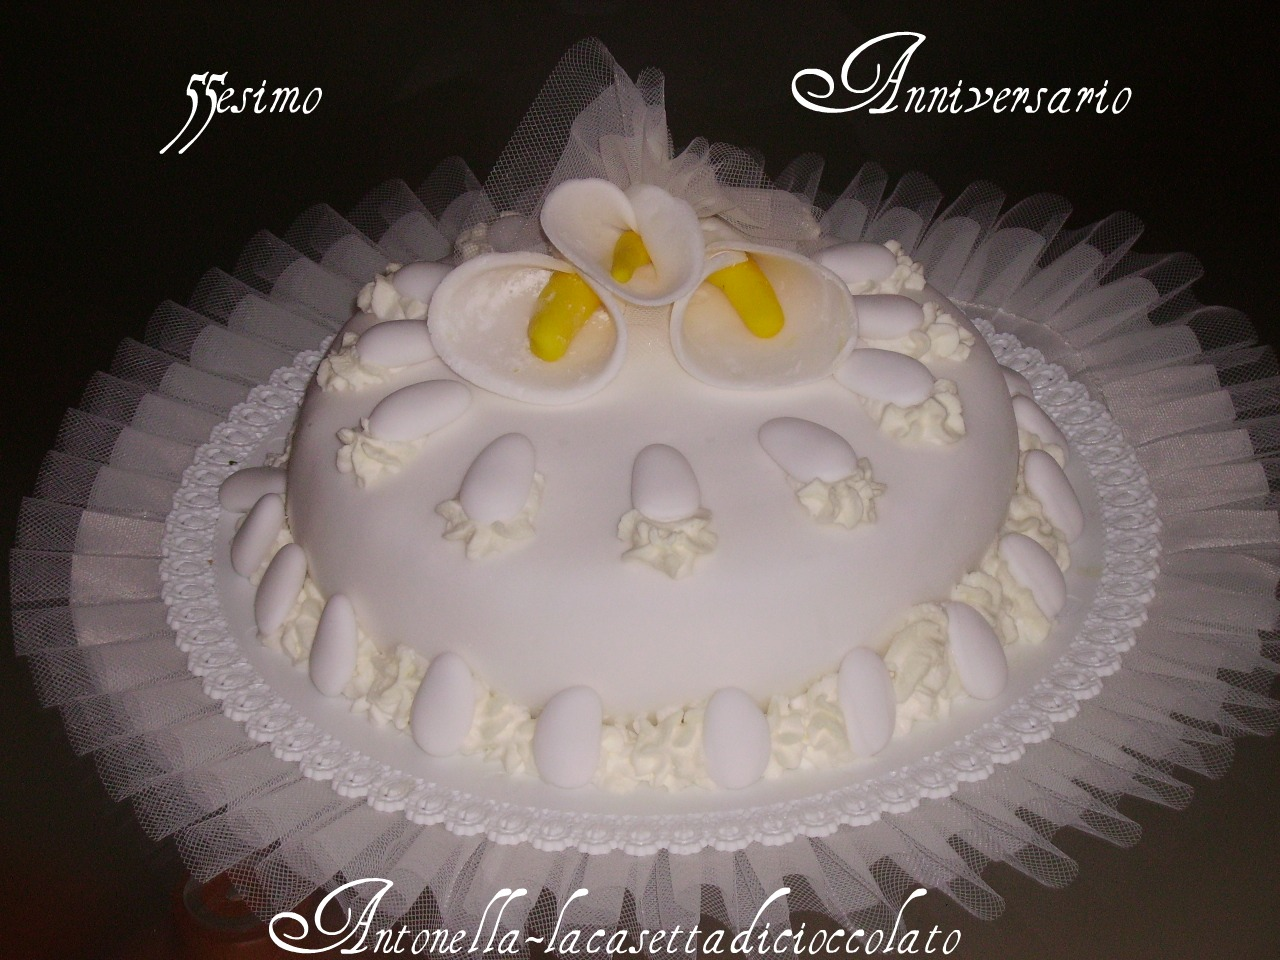 Buon anniversario di matrimonio 25 °